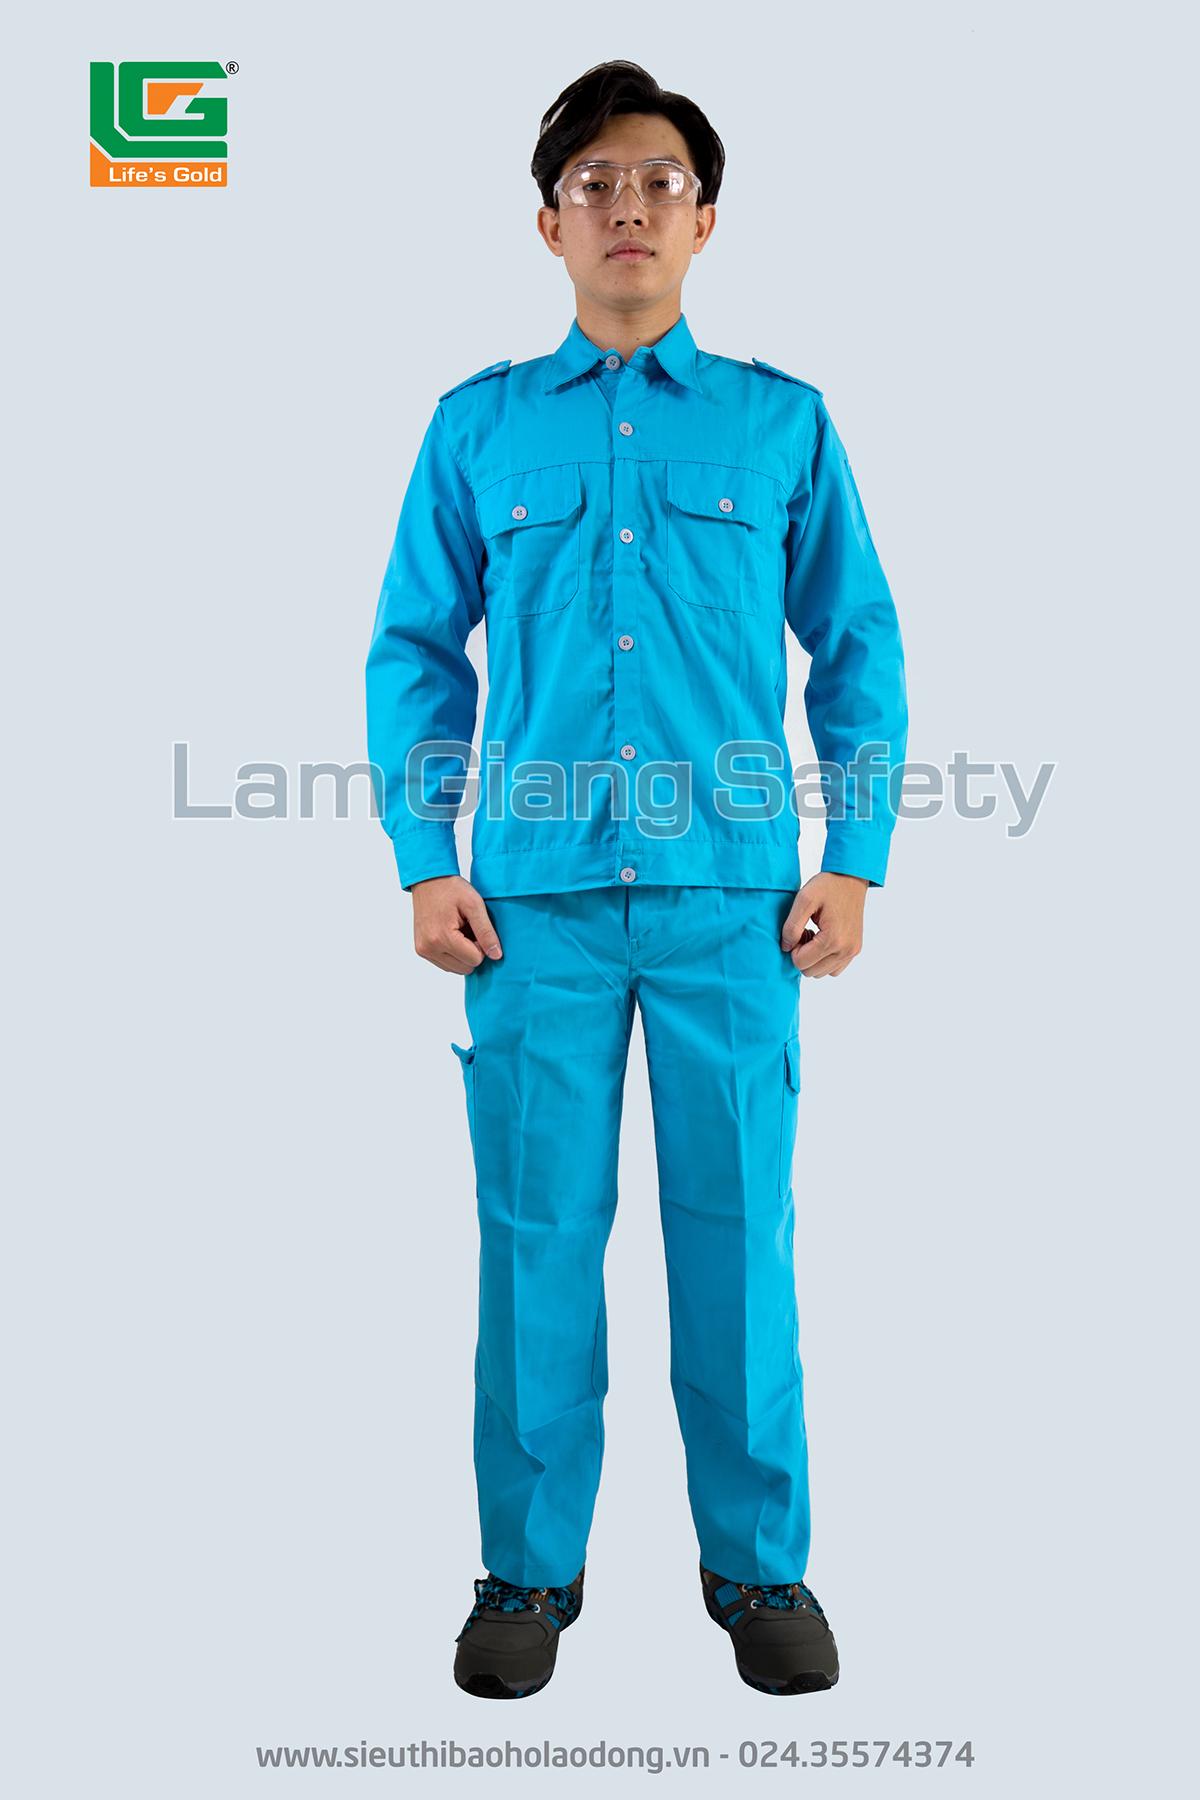 Quần áo kaki xanh lơ túi hộp Lam Giang